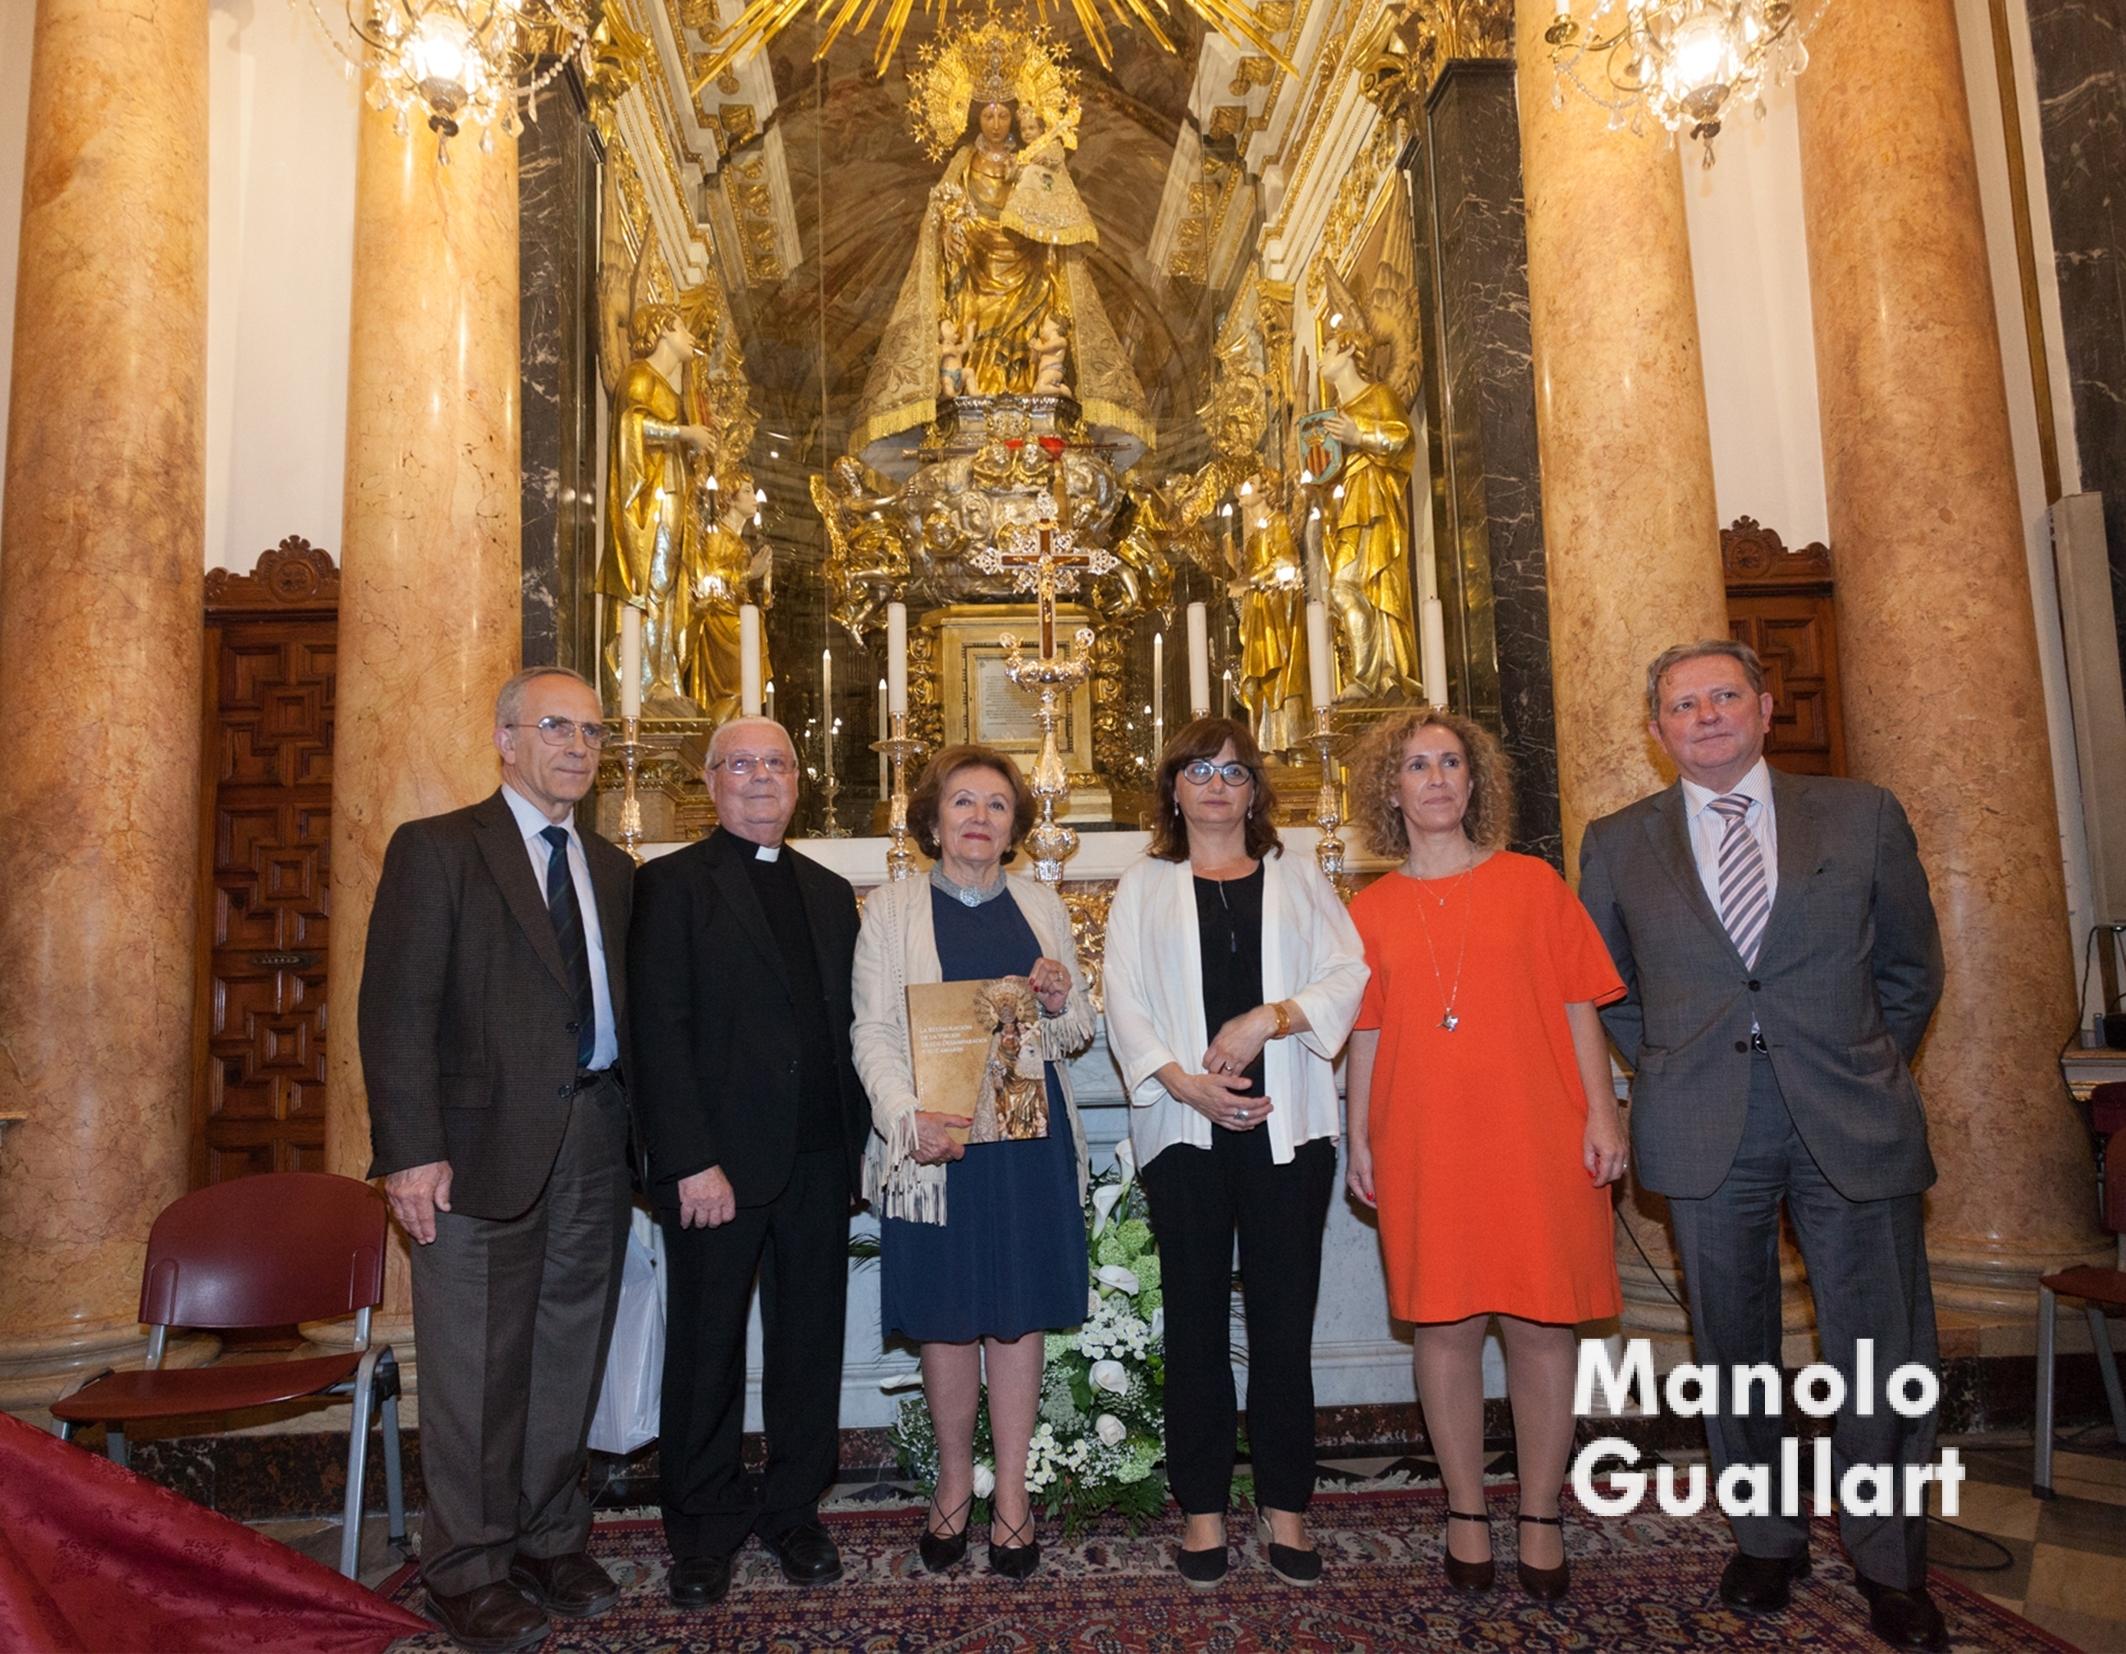 Representación de la Archicofradía, la Basílica, el IVC+R, la Generalitat y la Fundación Hortensia-Herrero en el camarín de la Virgen tras la presentación del libro de su restauración. Foto de Manolo guallart.